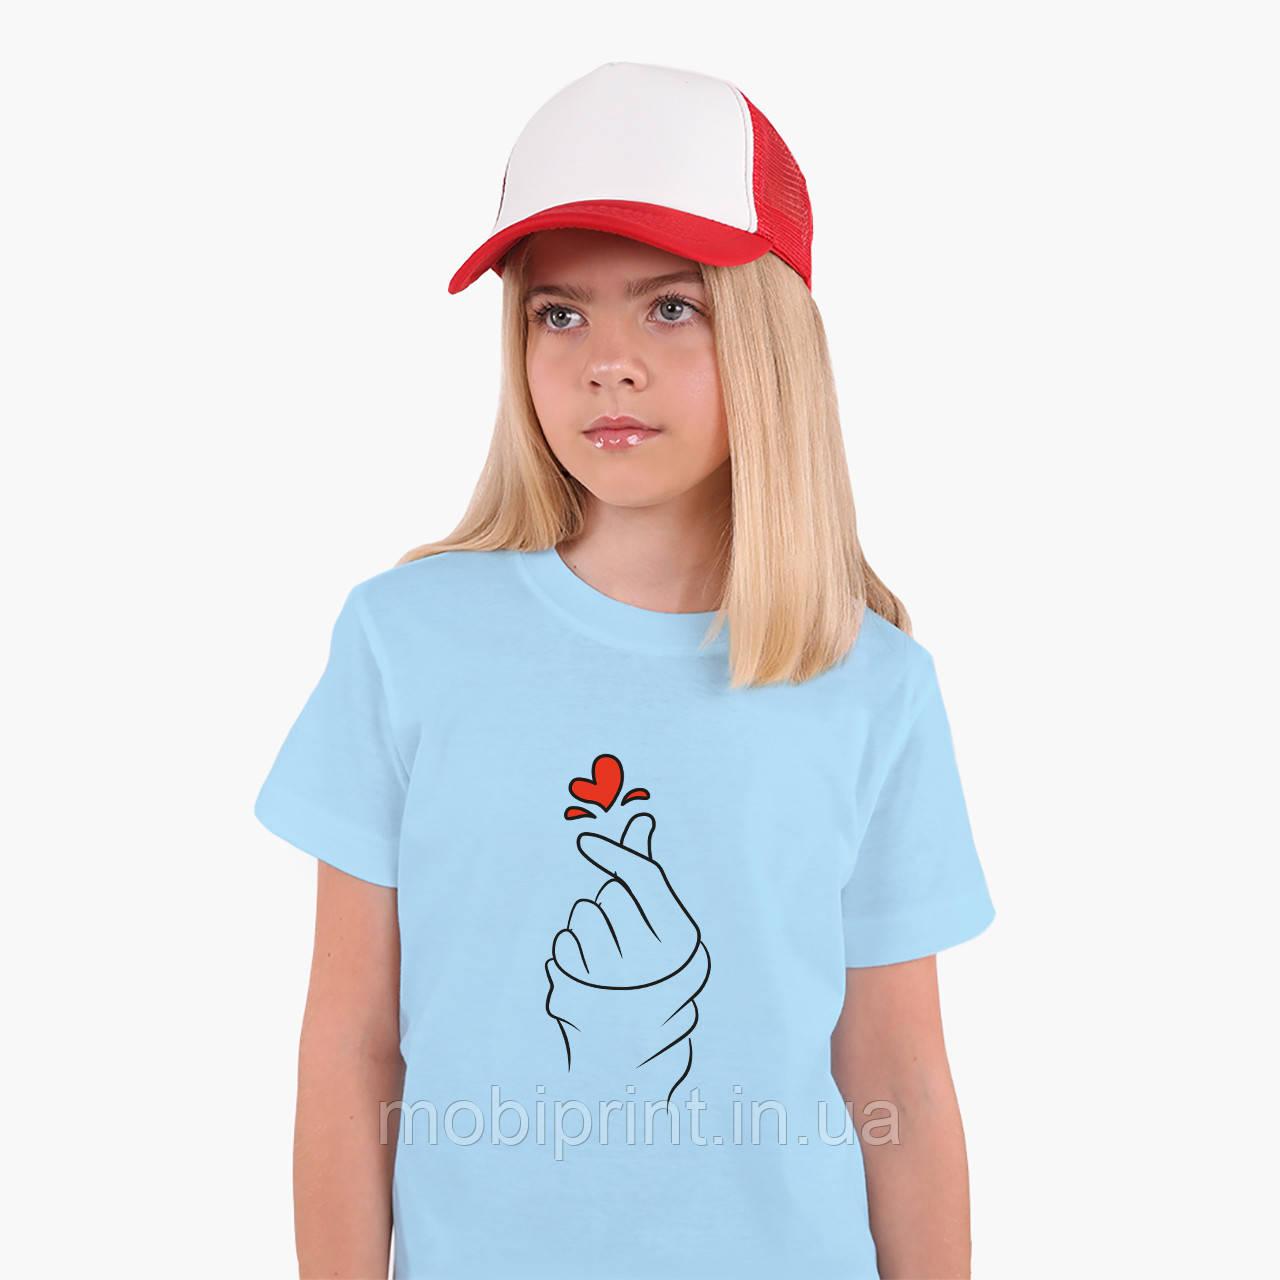 Детская футболка для девочек БТС (BTS) (25186-1165) Голубой